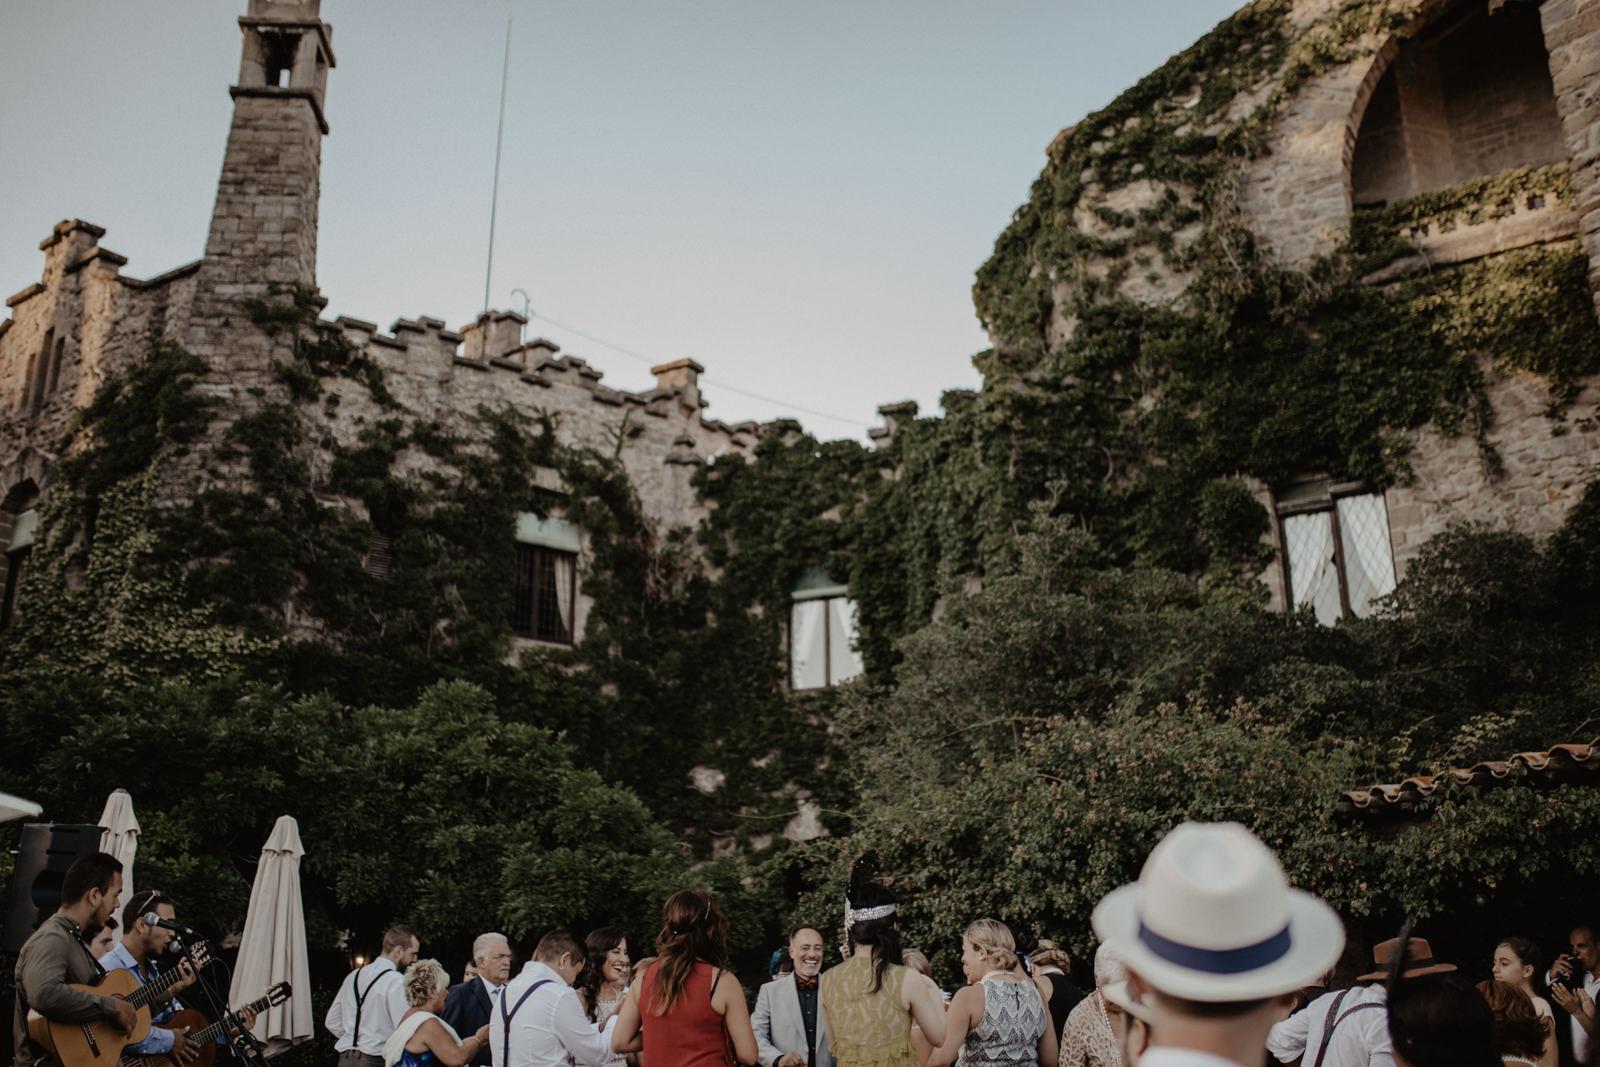 thenortherngirlphotography_photography_thenortherngirl_rebeccascabros_wedding_weddingphotography_weddingphotographer_barcelona_bodaenlabaronia_labaronia_japanesewedding_destinationwedding_shokoalbert-628.jpg